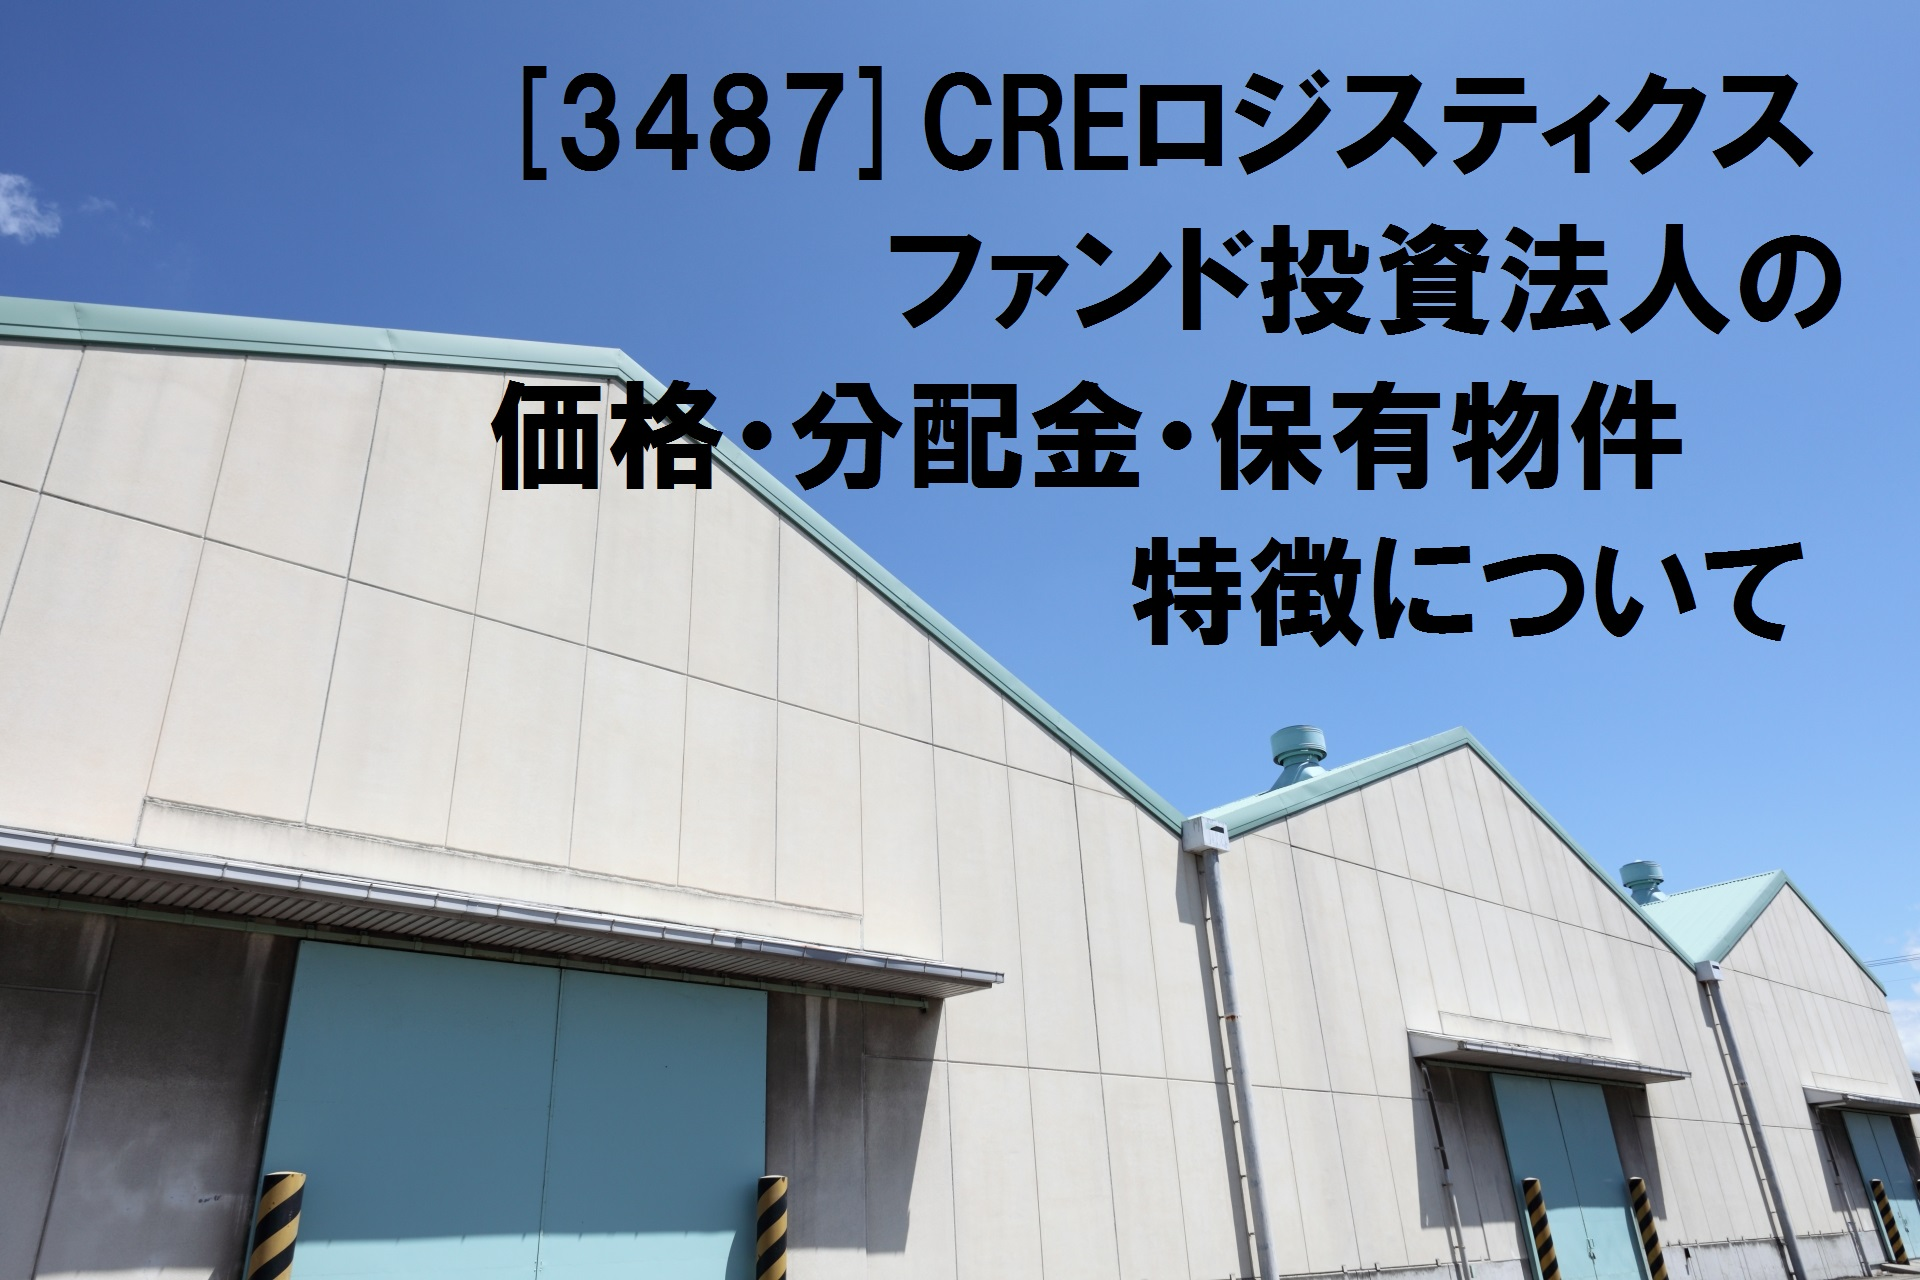 [3487]CREロジスティクスファンド投資法人の価格・分配金・保有物件・特徴について